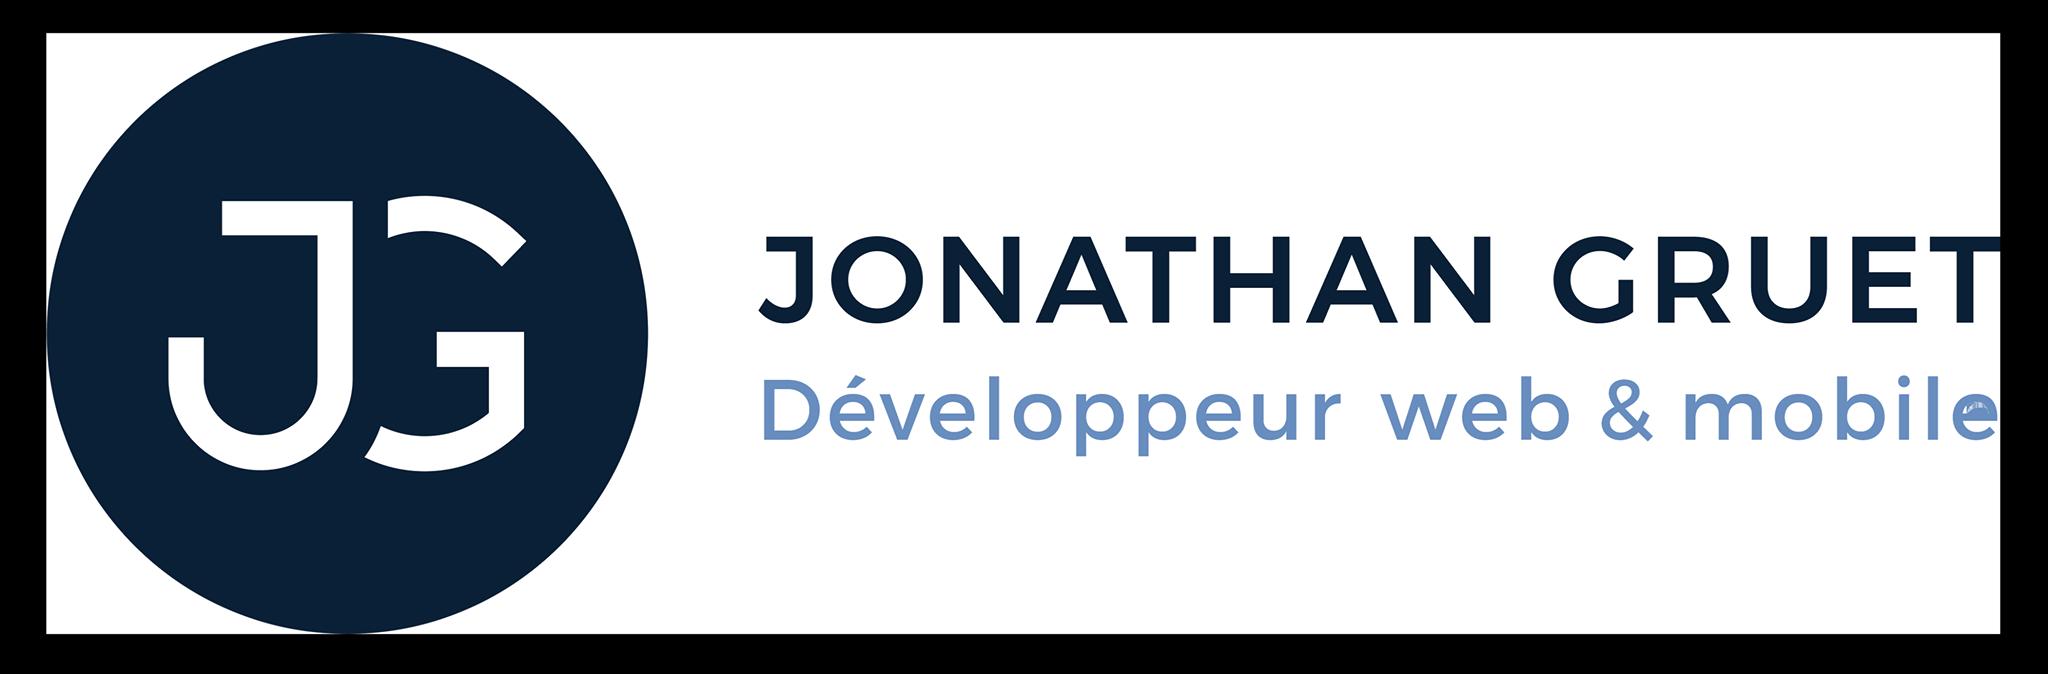 Jonathan Gruet - Développeur web